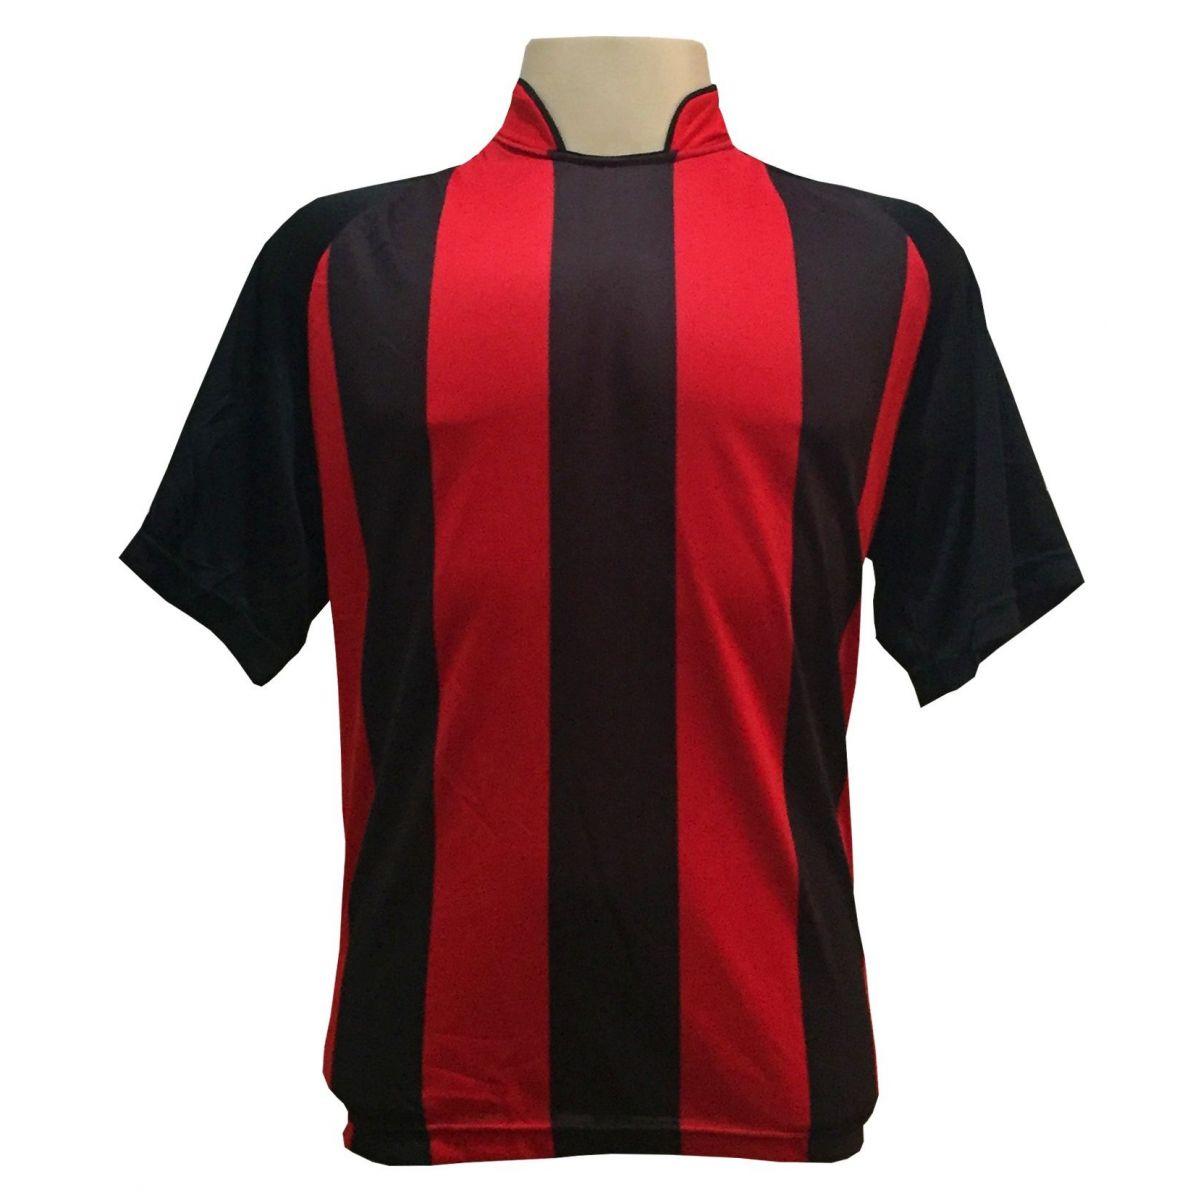 Uniforme Esportivo com 18 camisas modelo Milan Preto/Vermelho + 18 calções modelo Madrid Preto + Brindes